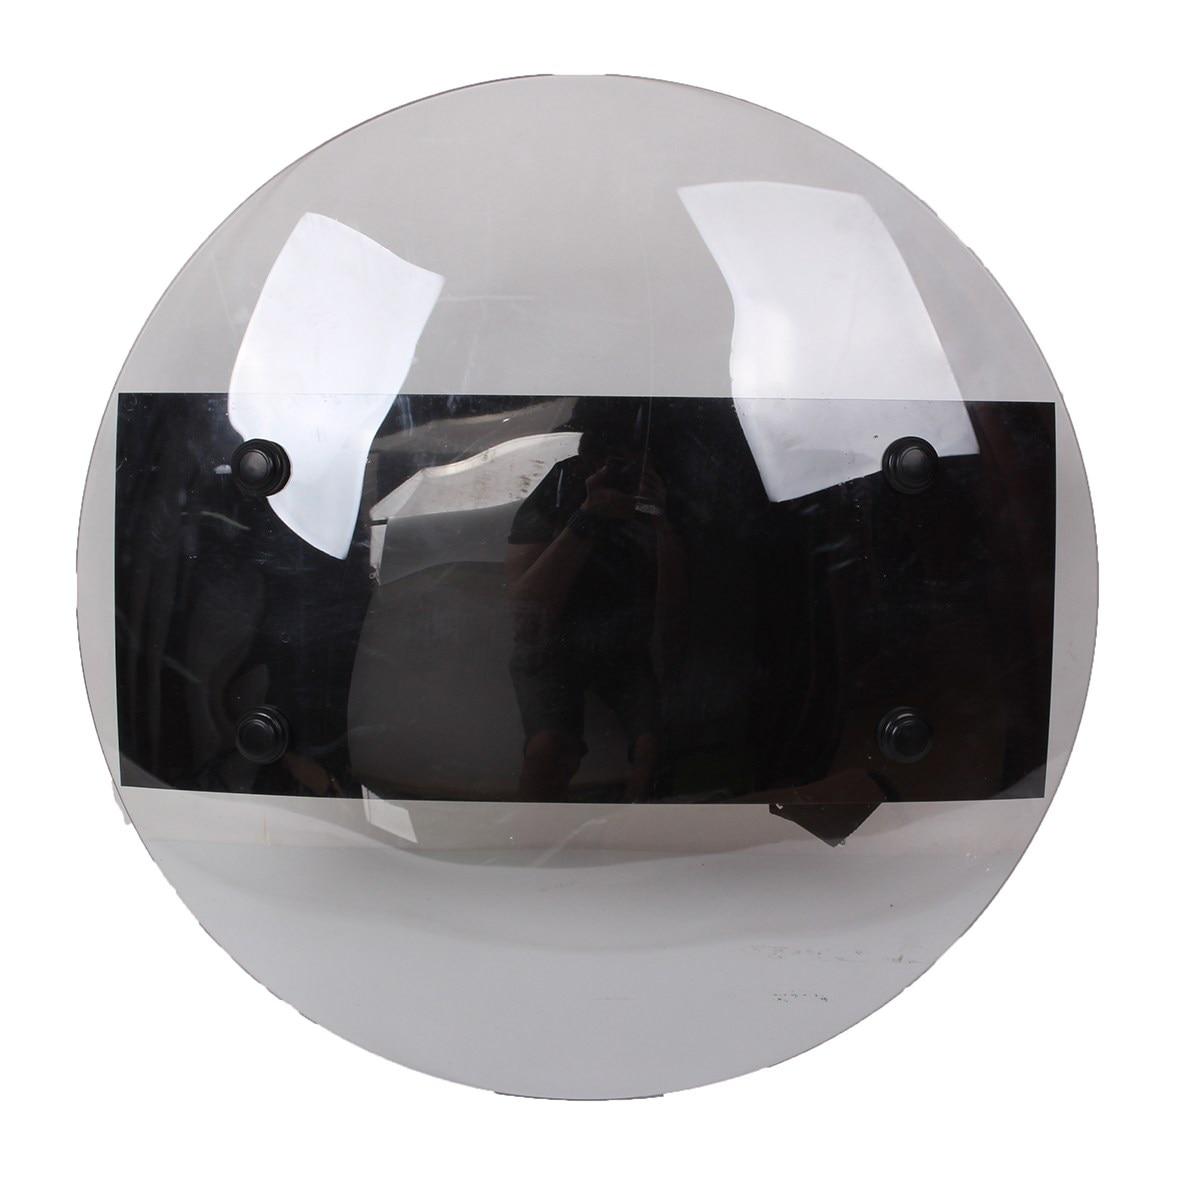 Safurance PC transparente mano escudo Anti-disturbios escudo para la protección de la seguridad de proteger